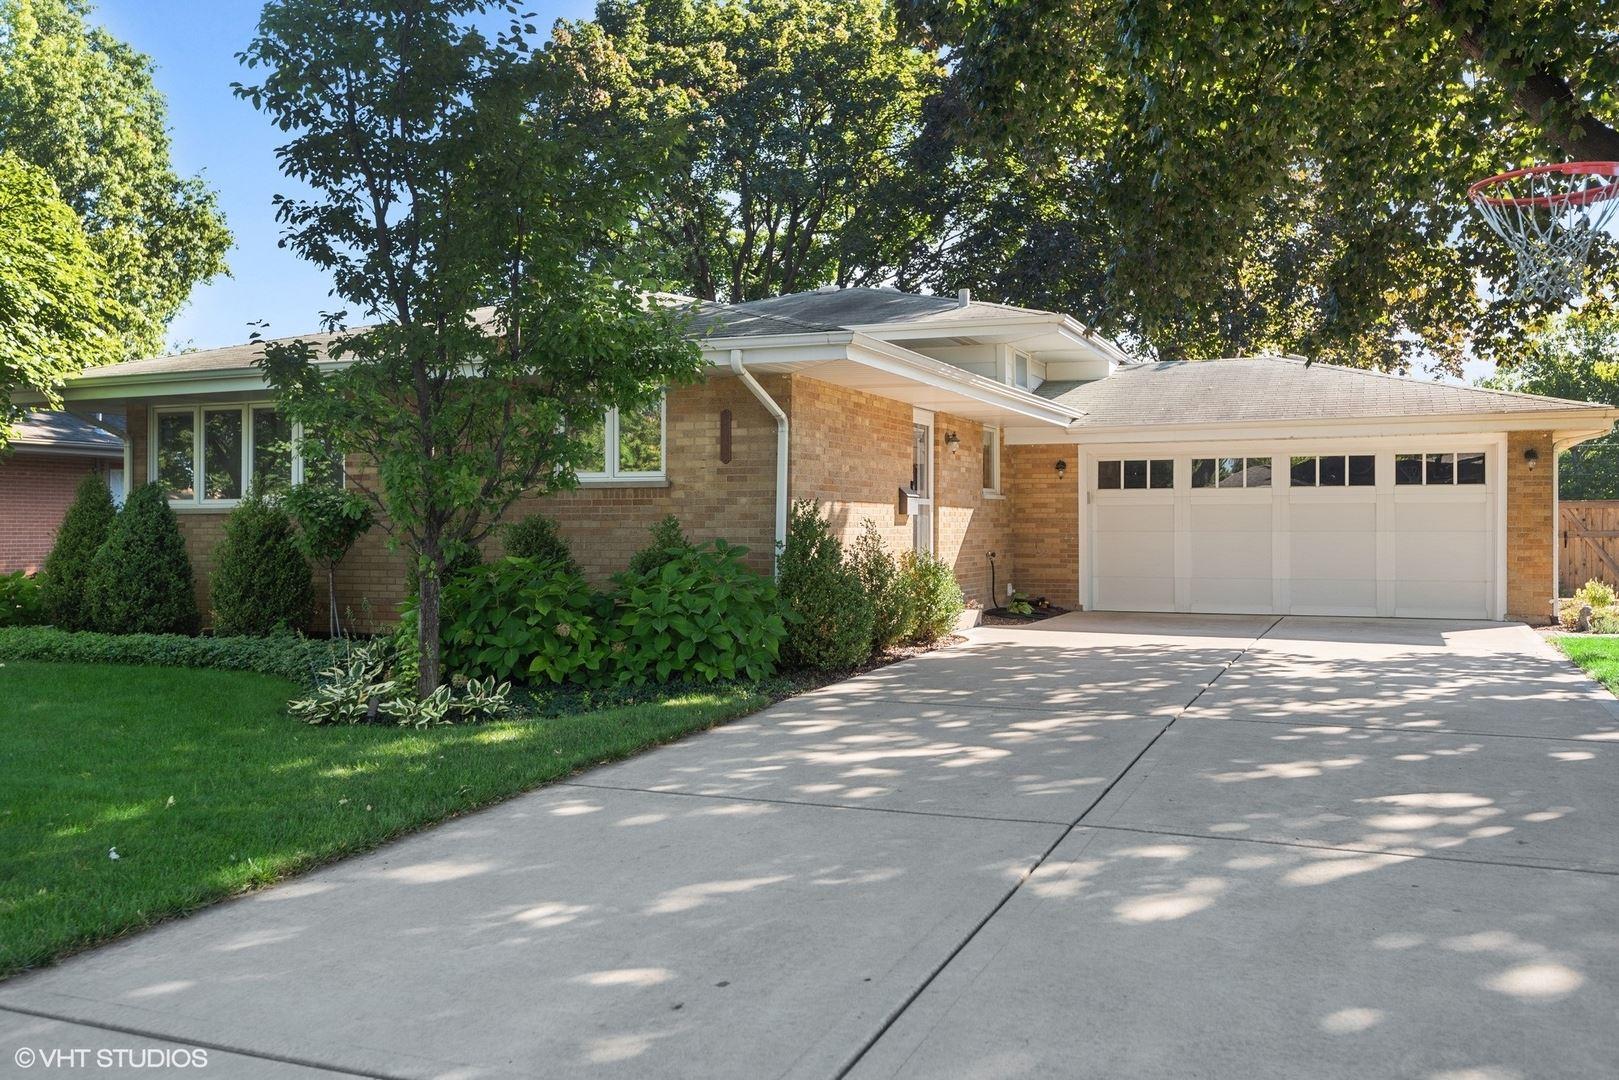 213 N Stratton Lane, Mount Prospect, IL 60056 - #: 11239830